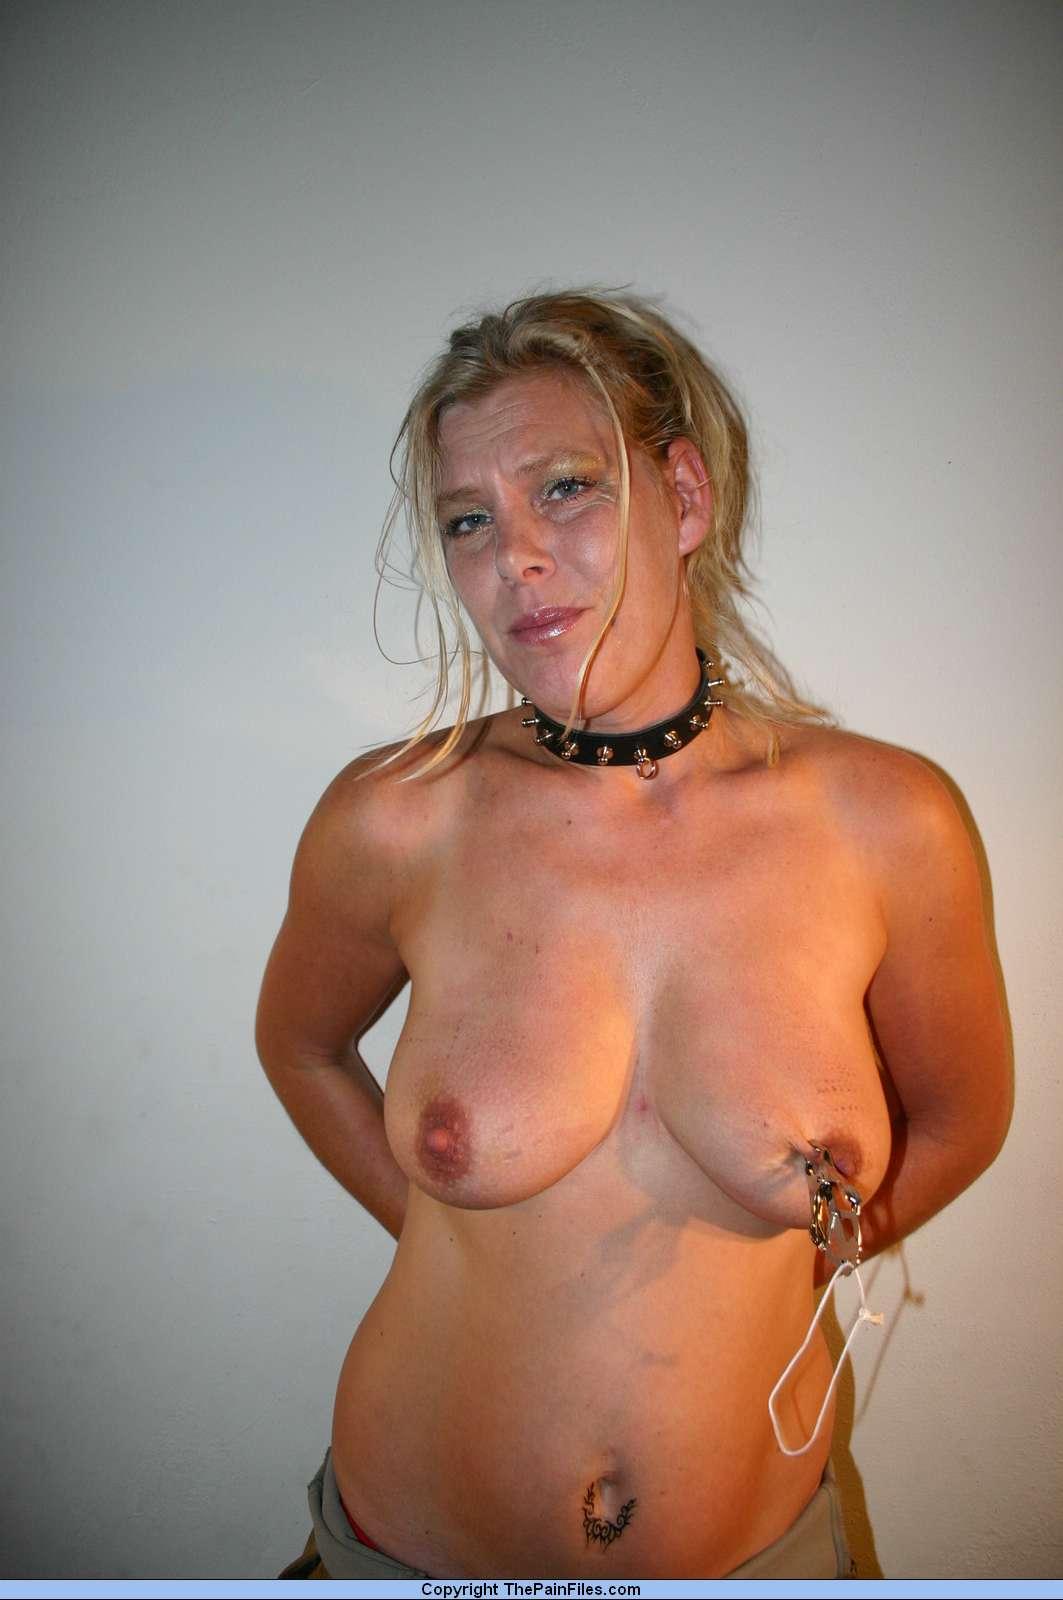 Nude big boob closeup